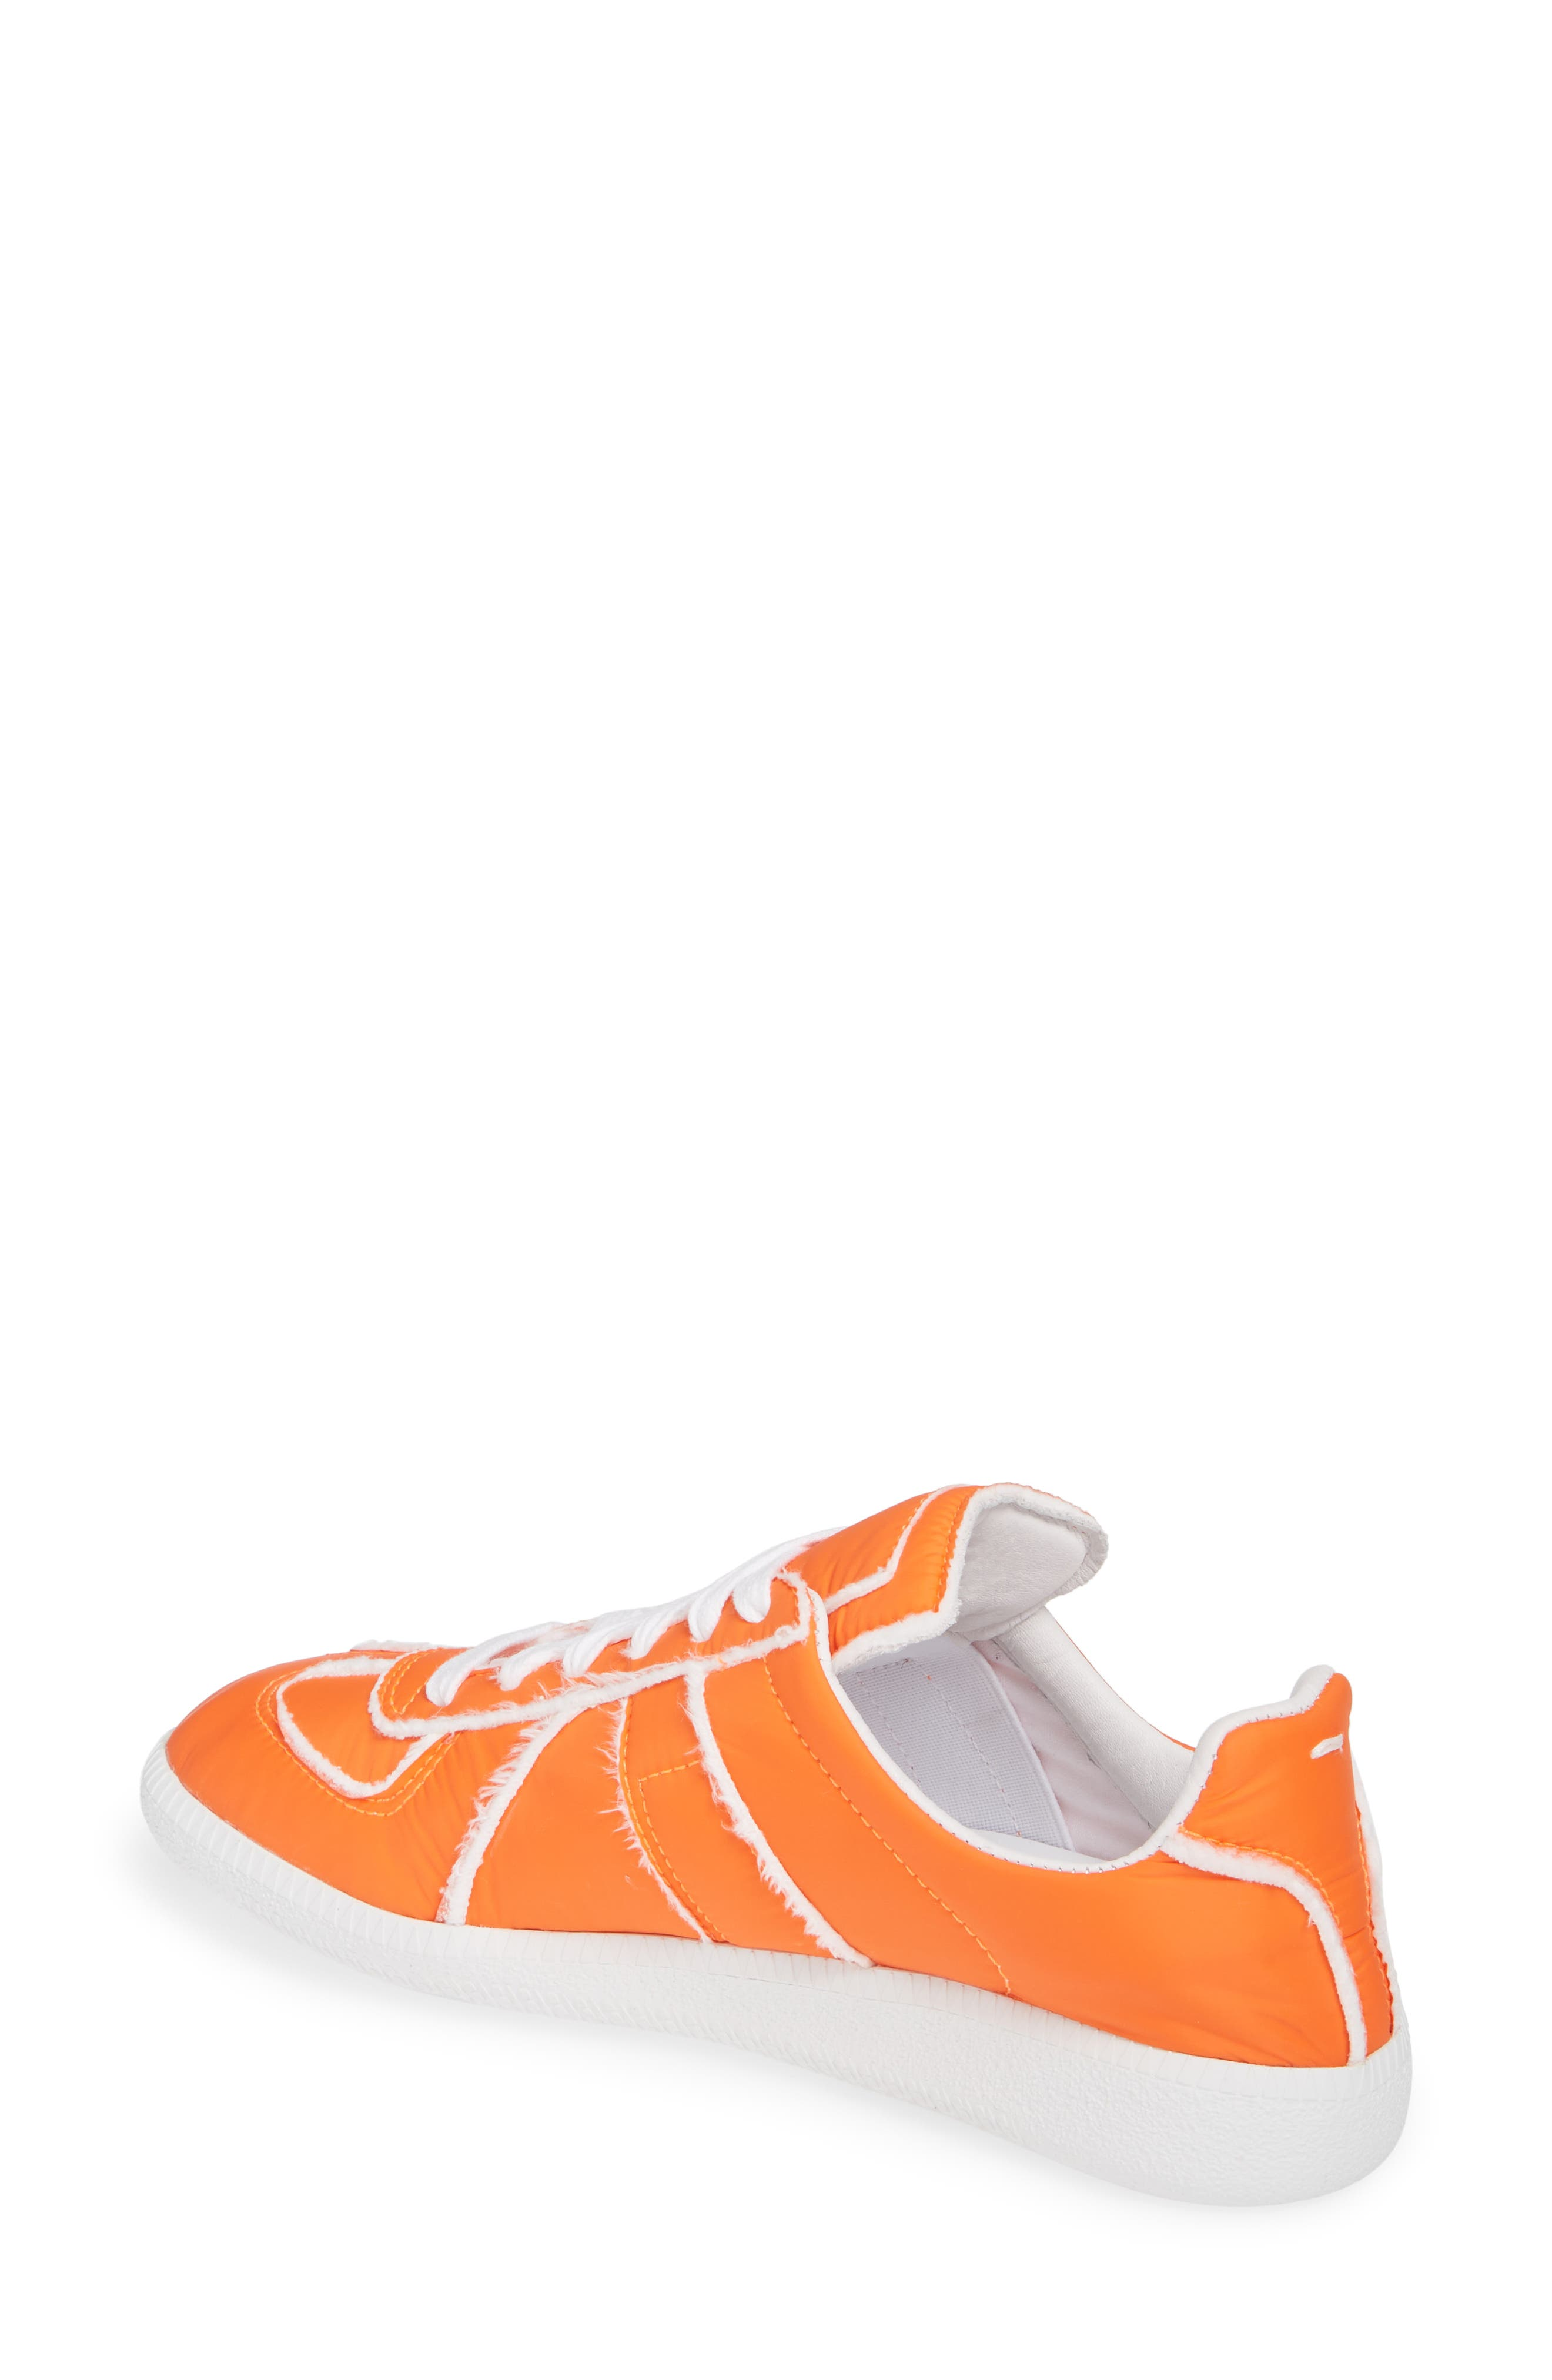 MAISON MARGIELA, Replica Lace-Up Sneaker, Alternate thumbnail 2, color, VERMILLION ORANGE